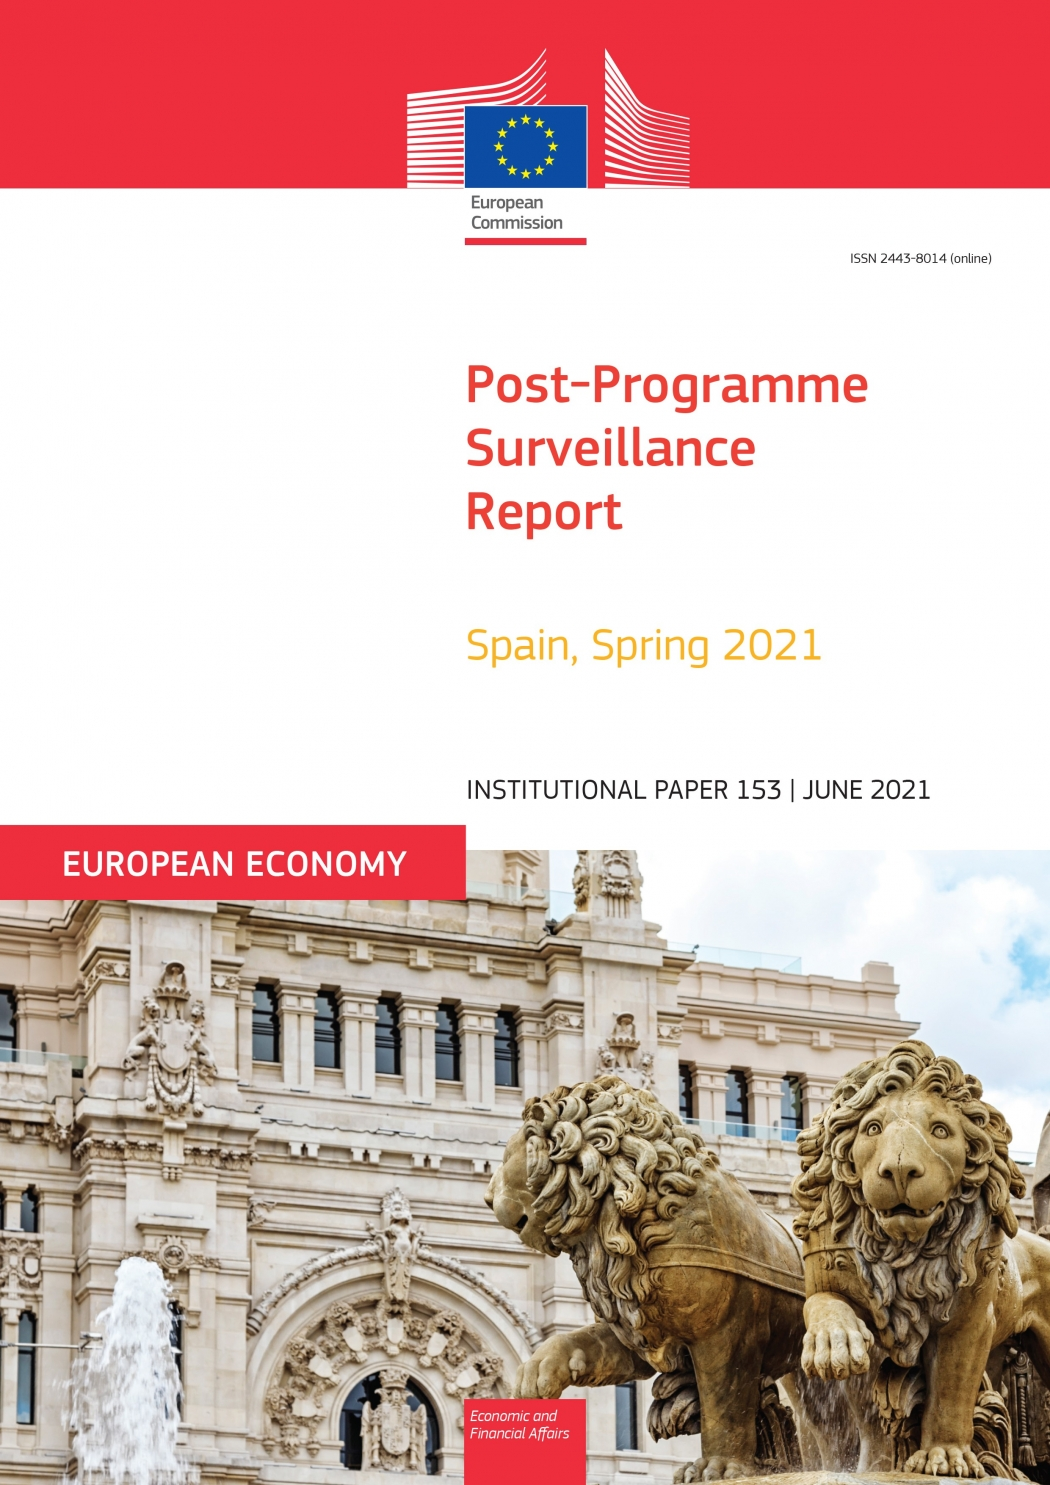 Paquete de primavera del Semestre Europeo: Allanar el camino hacia una recuperación fuerte y sostenible